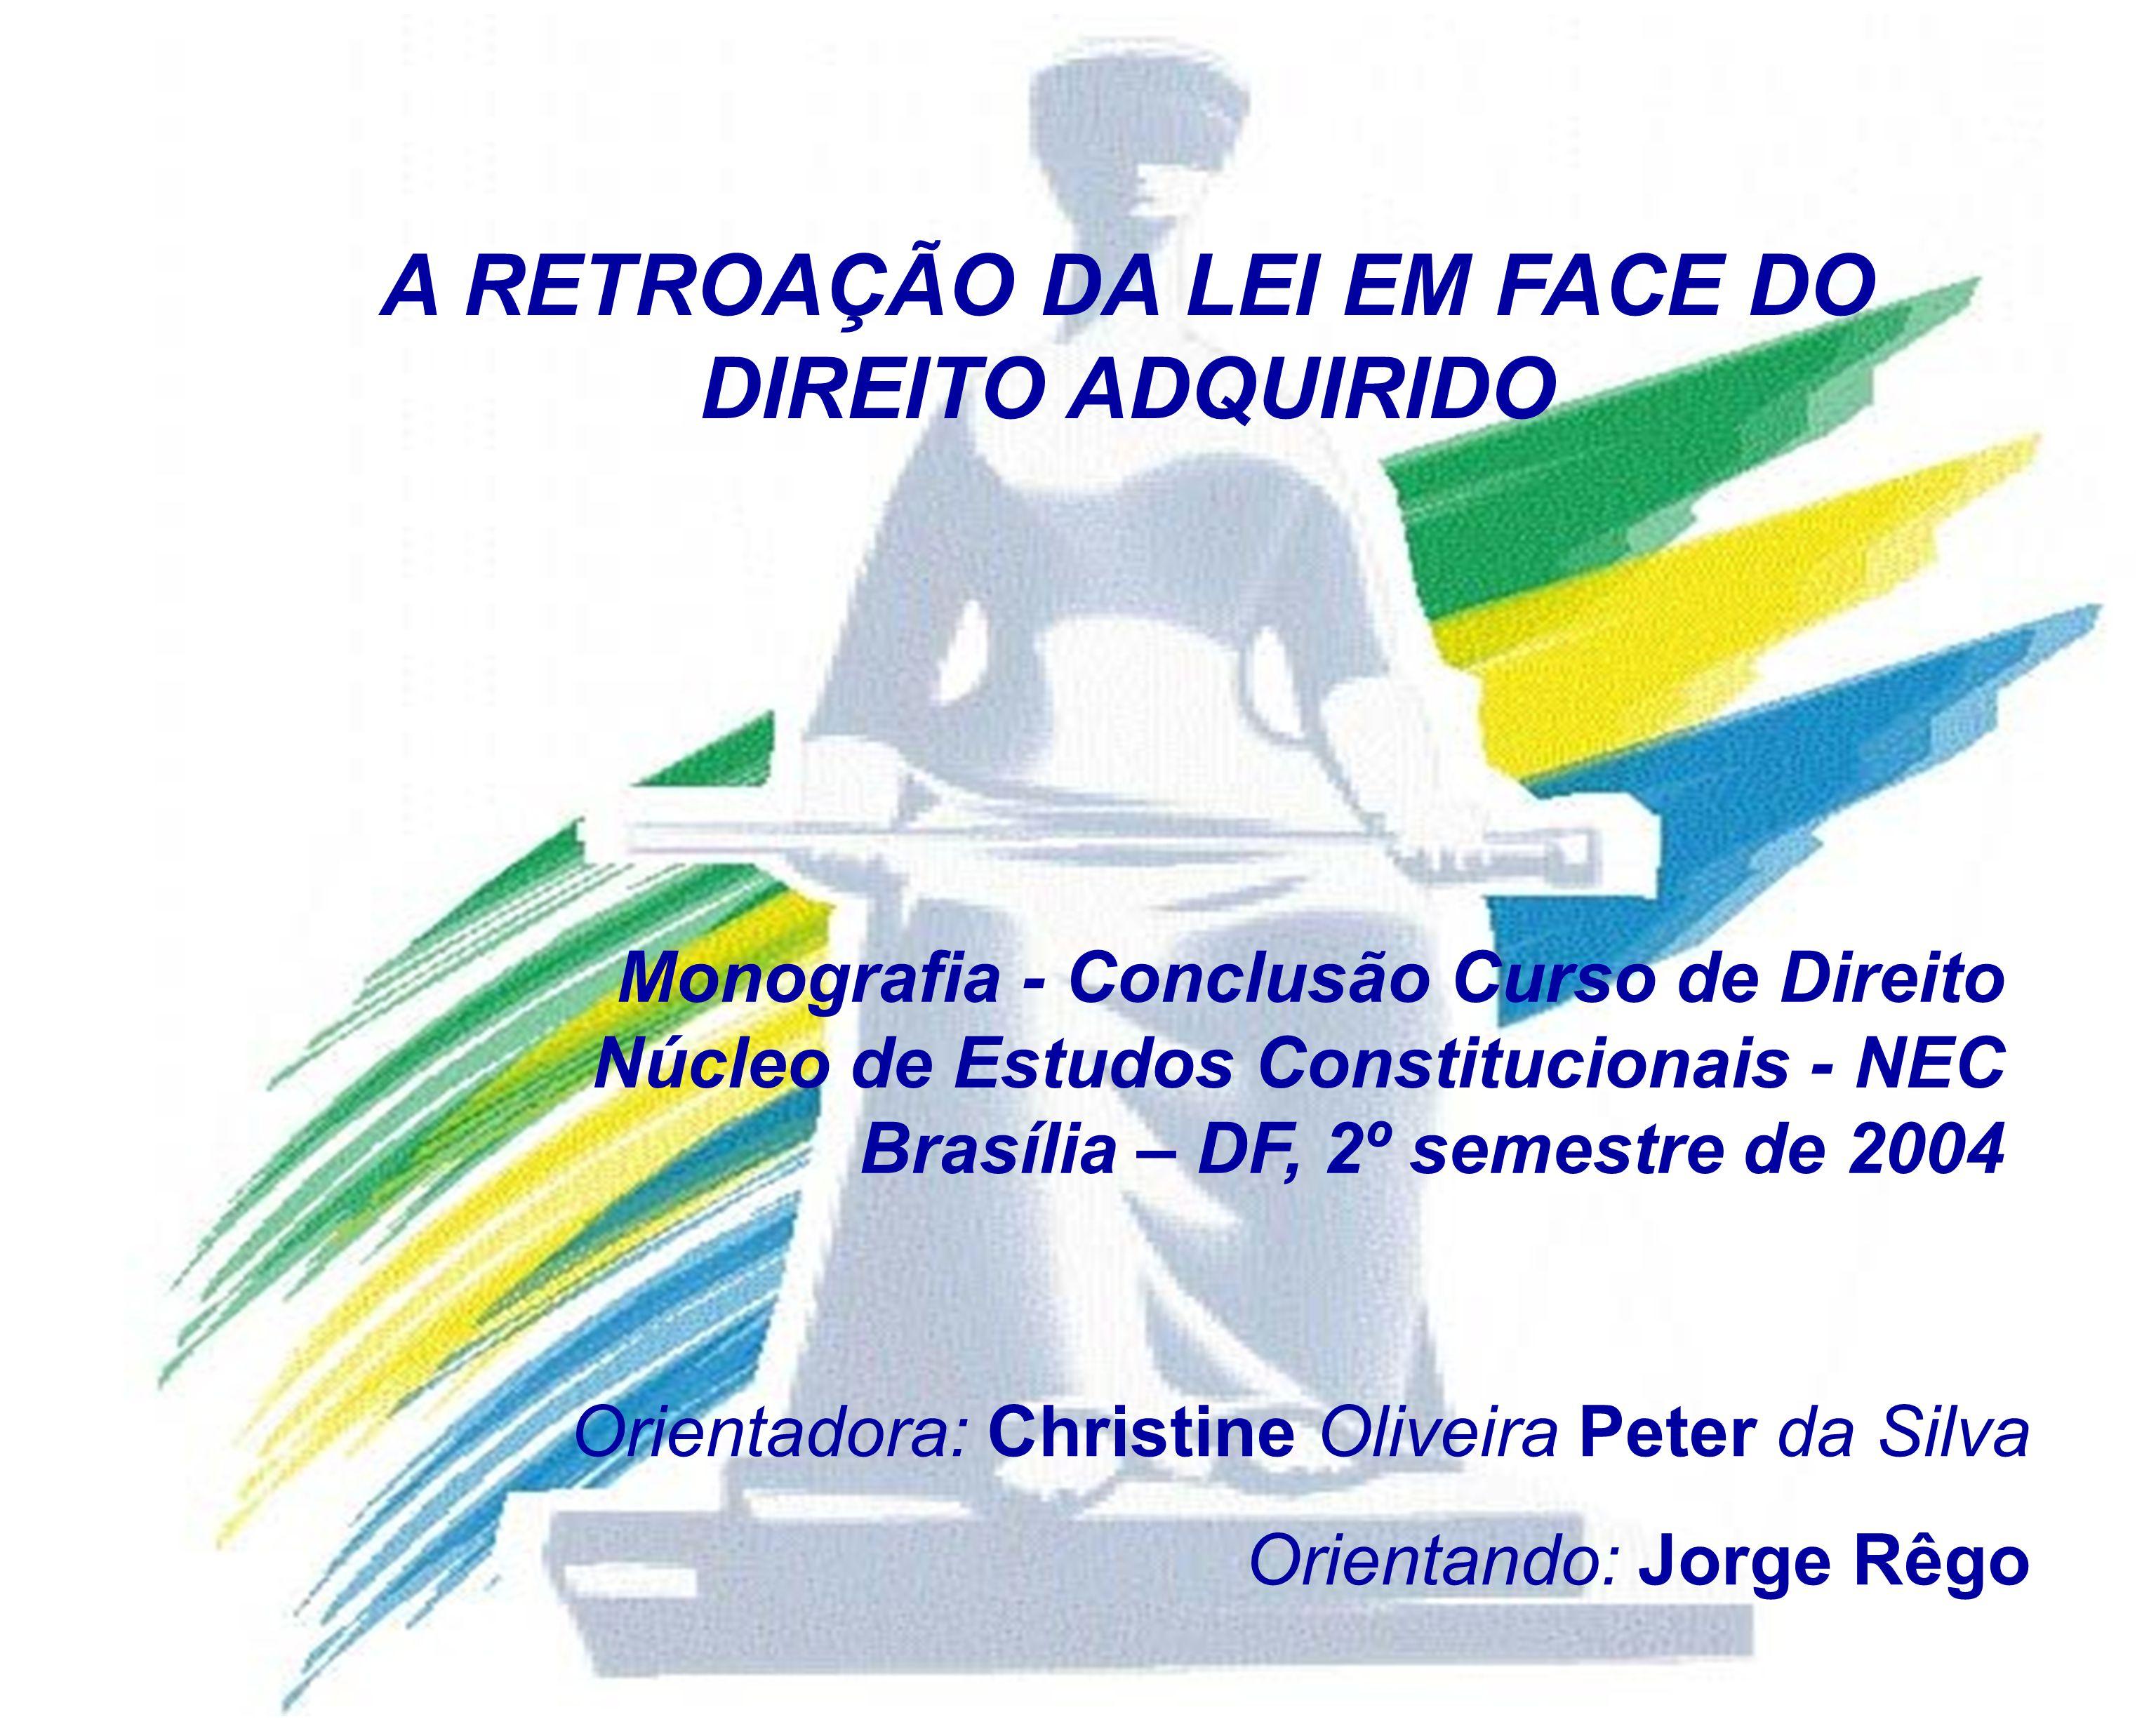 Direito Adquirido e Regime Jurídico.